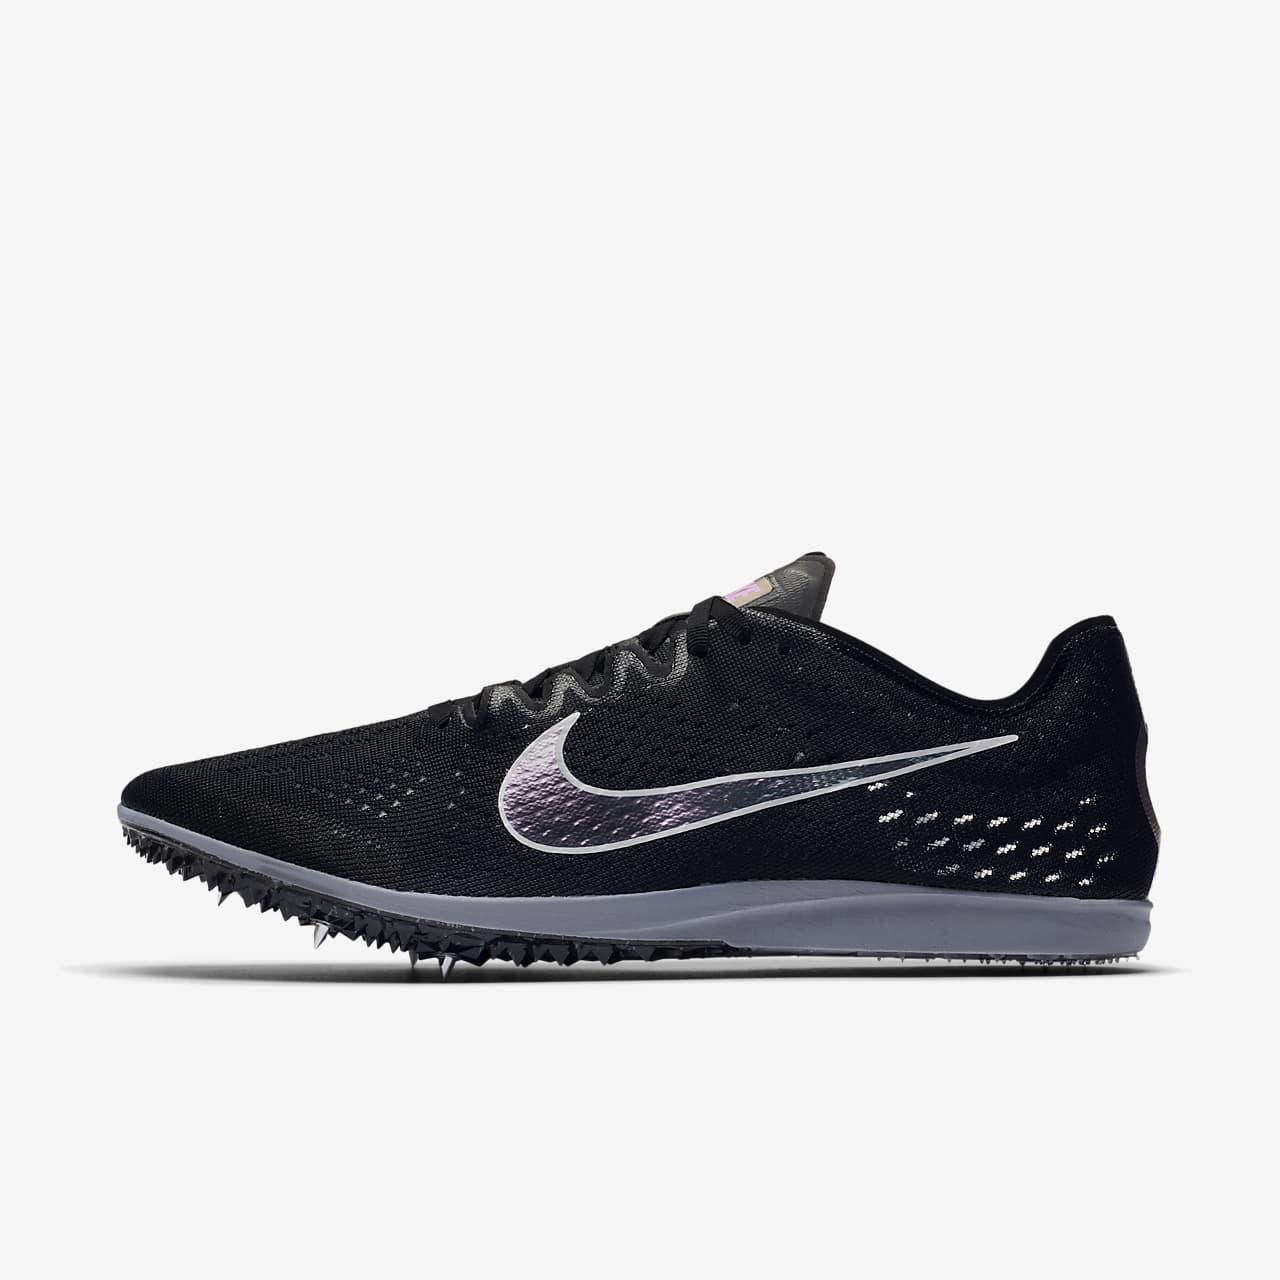 Acuerdo Clínica Espectador  Nike Zoom Matumbo 3 Racing Spike. Nike.com